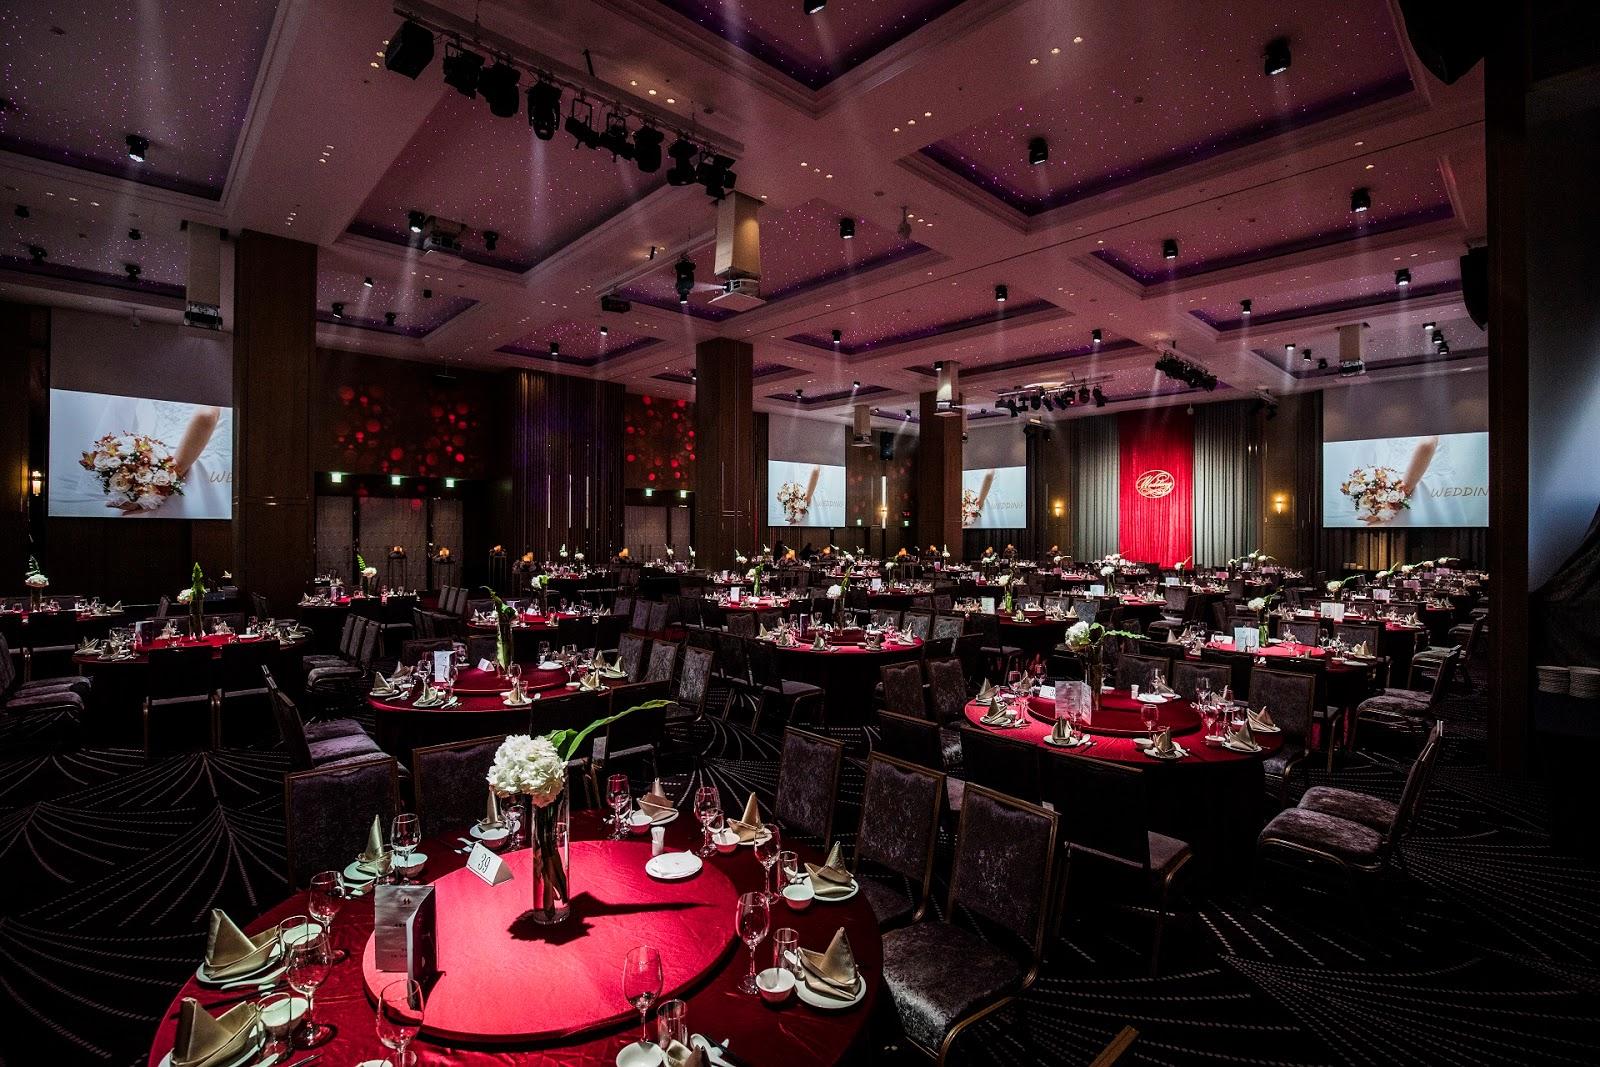 凱達飯店的廳也很大氣開闊,色調沈穩大氣也算蠻不錯的